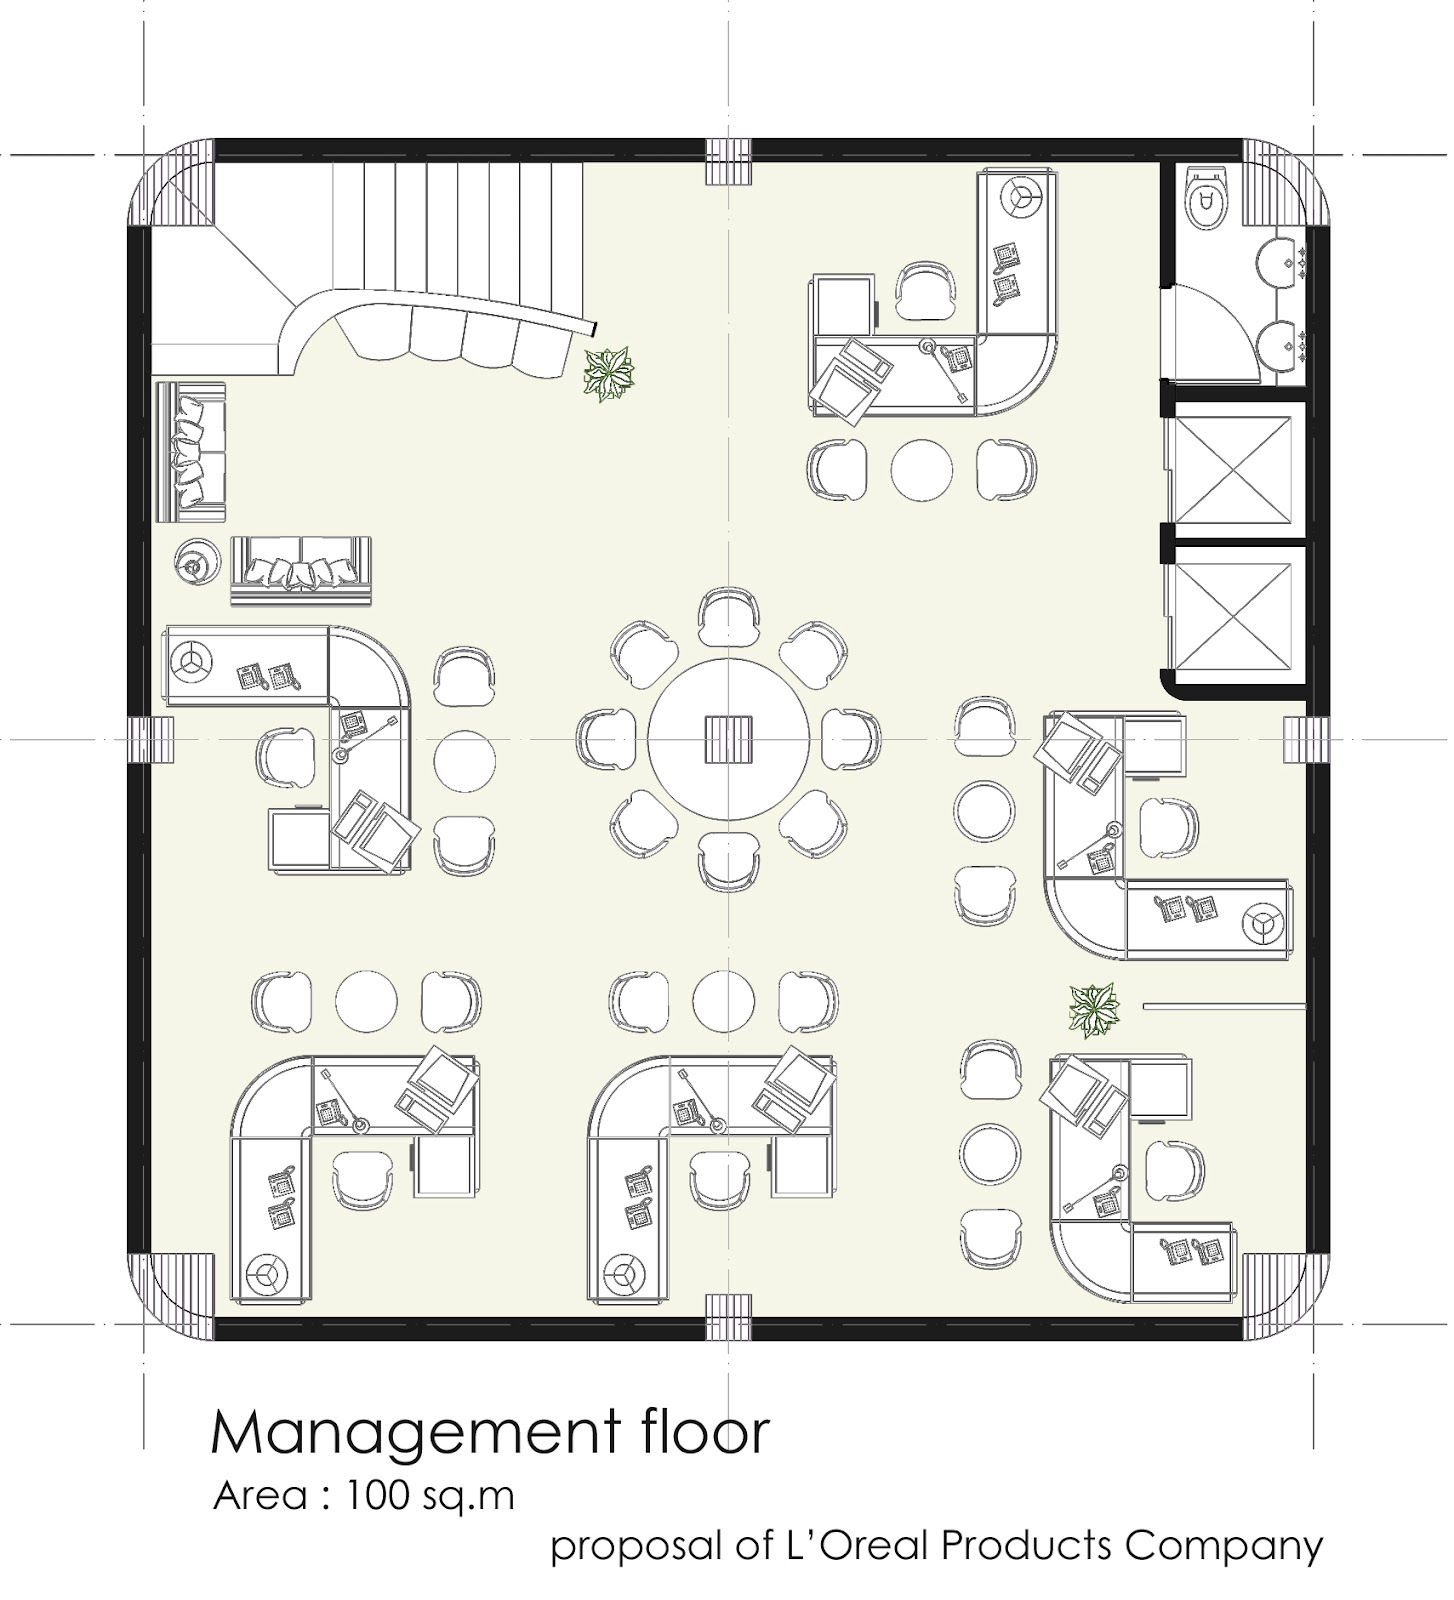 Floor Plan Of Management Floor